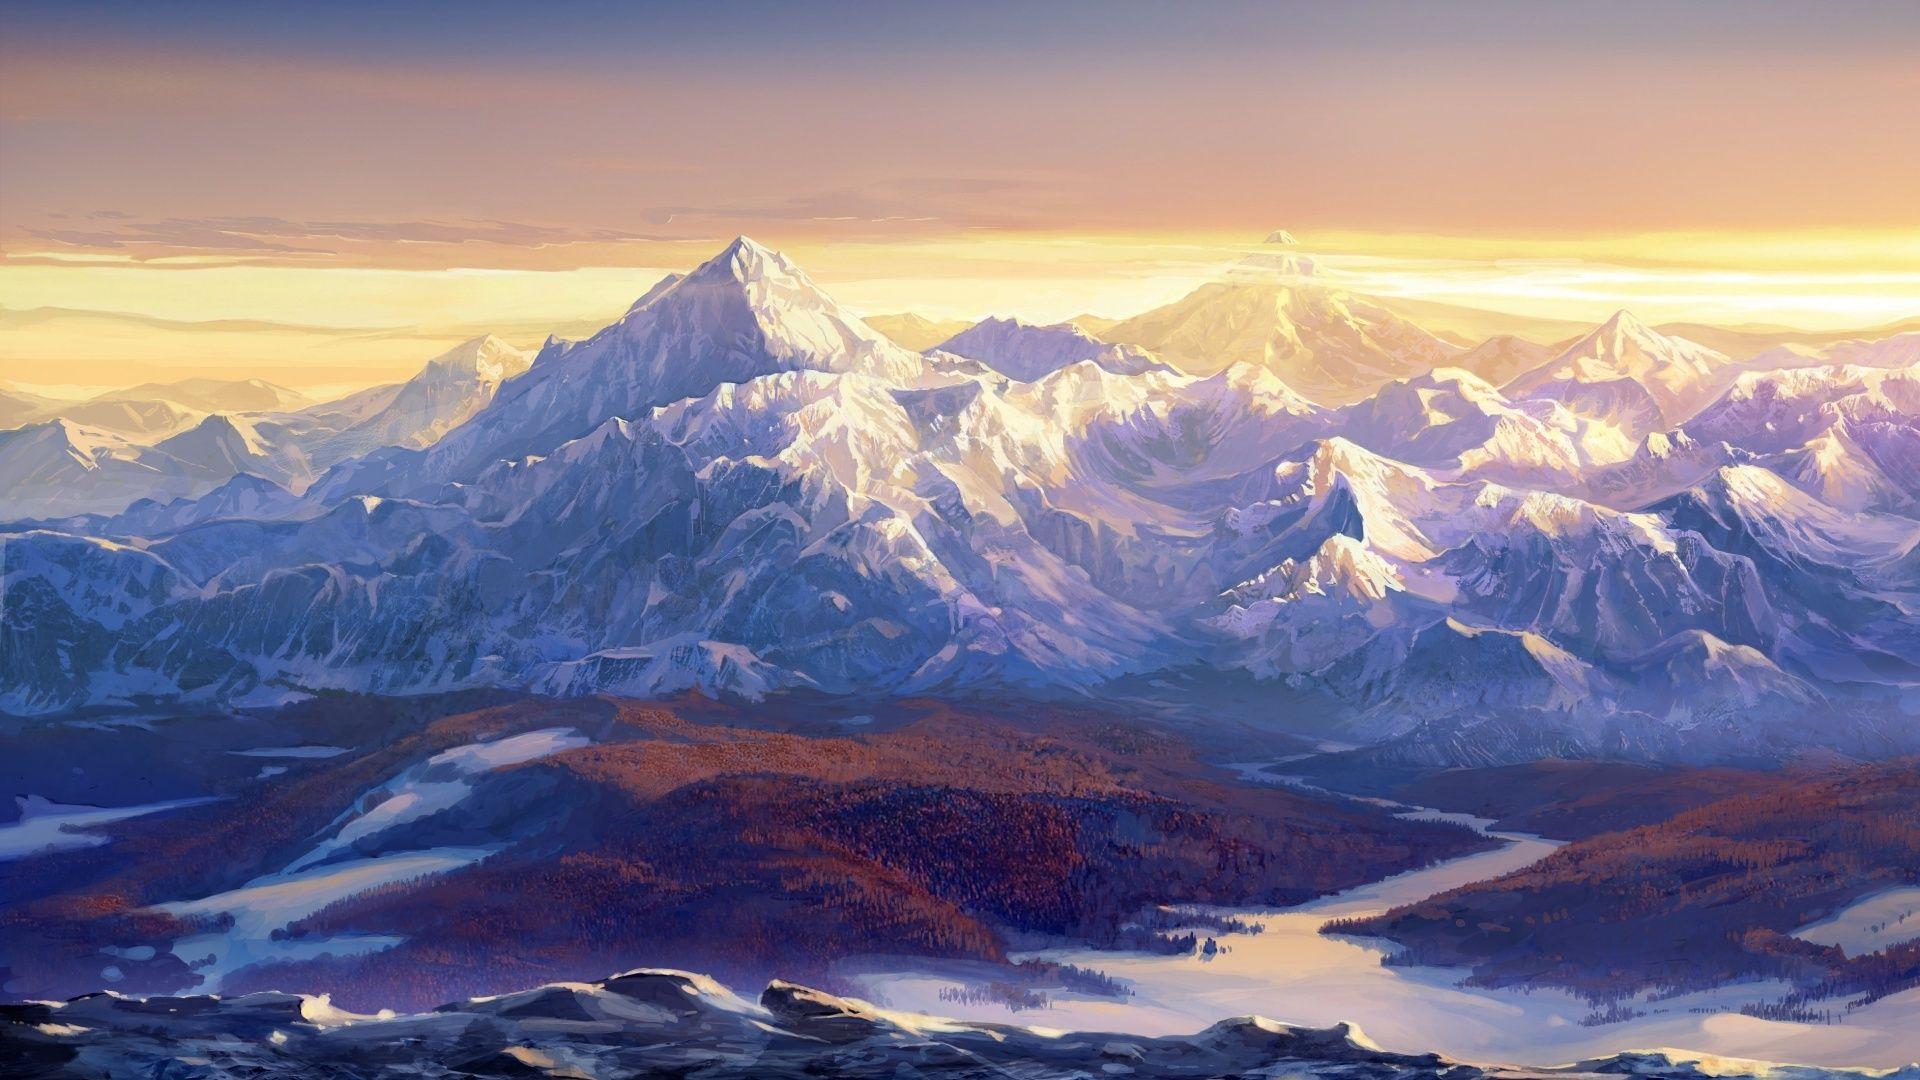 Beautiful Wallpaper Mountain Art - 7ac4c6caa61b39a1fea9897cd7848382  You Should Have_369344.jpg